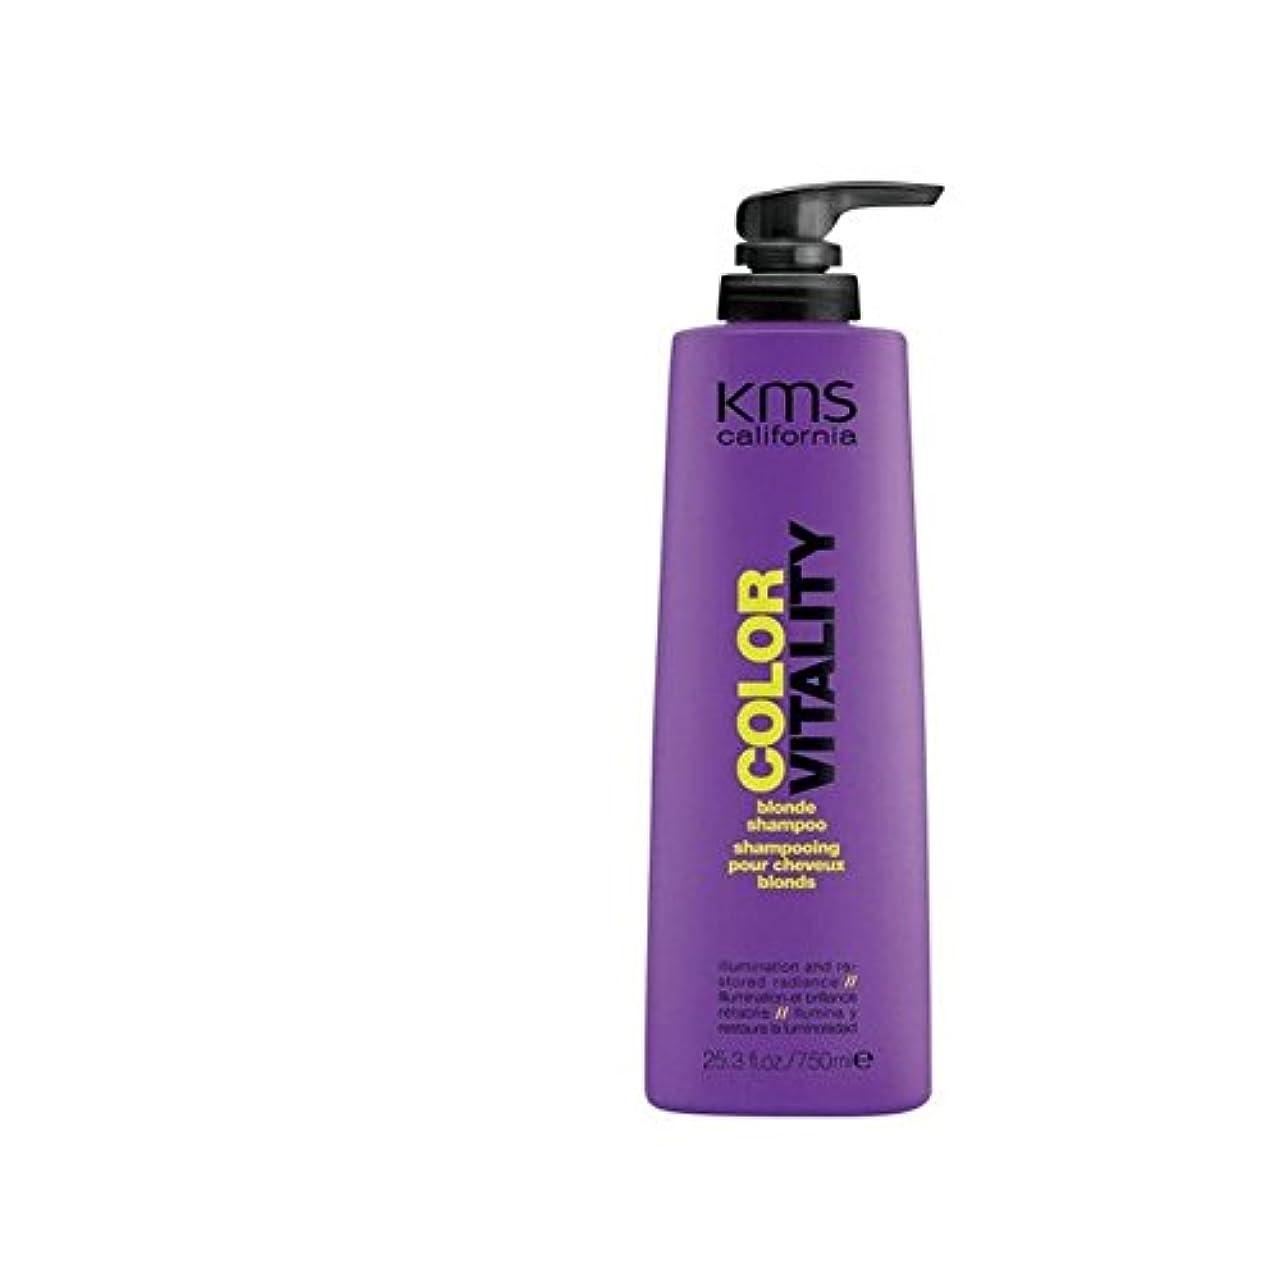 被害者カード宿題Kms California Colorvitality Blonde Shampoo - Supersize (750ml) (Pack of 6) - カリフォルニアブロンドシャンプー - スーパーサイズ(750ミリリットル) x6 [並行輸入品]